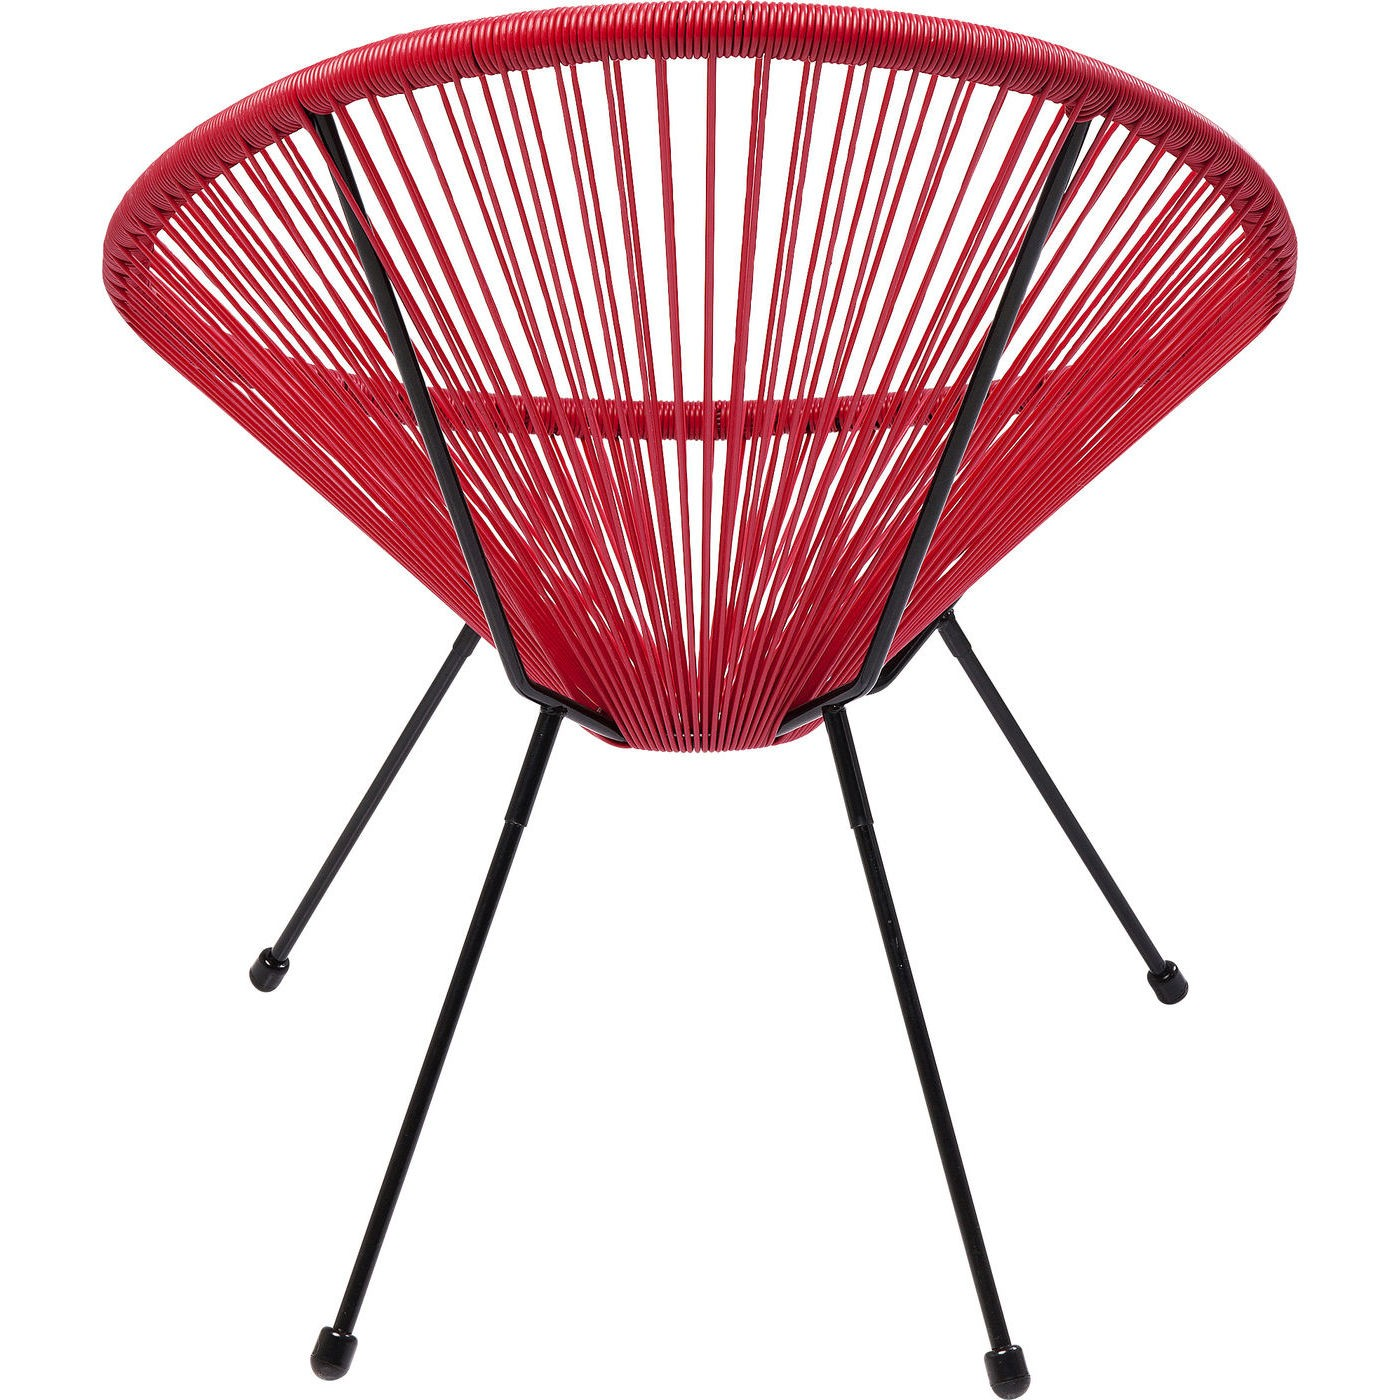 Fauteuil de jardin Acapulco rouge Kare Design